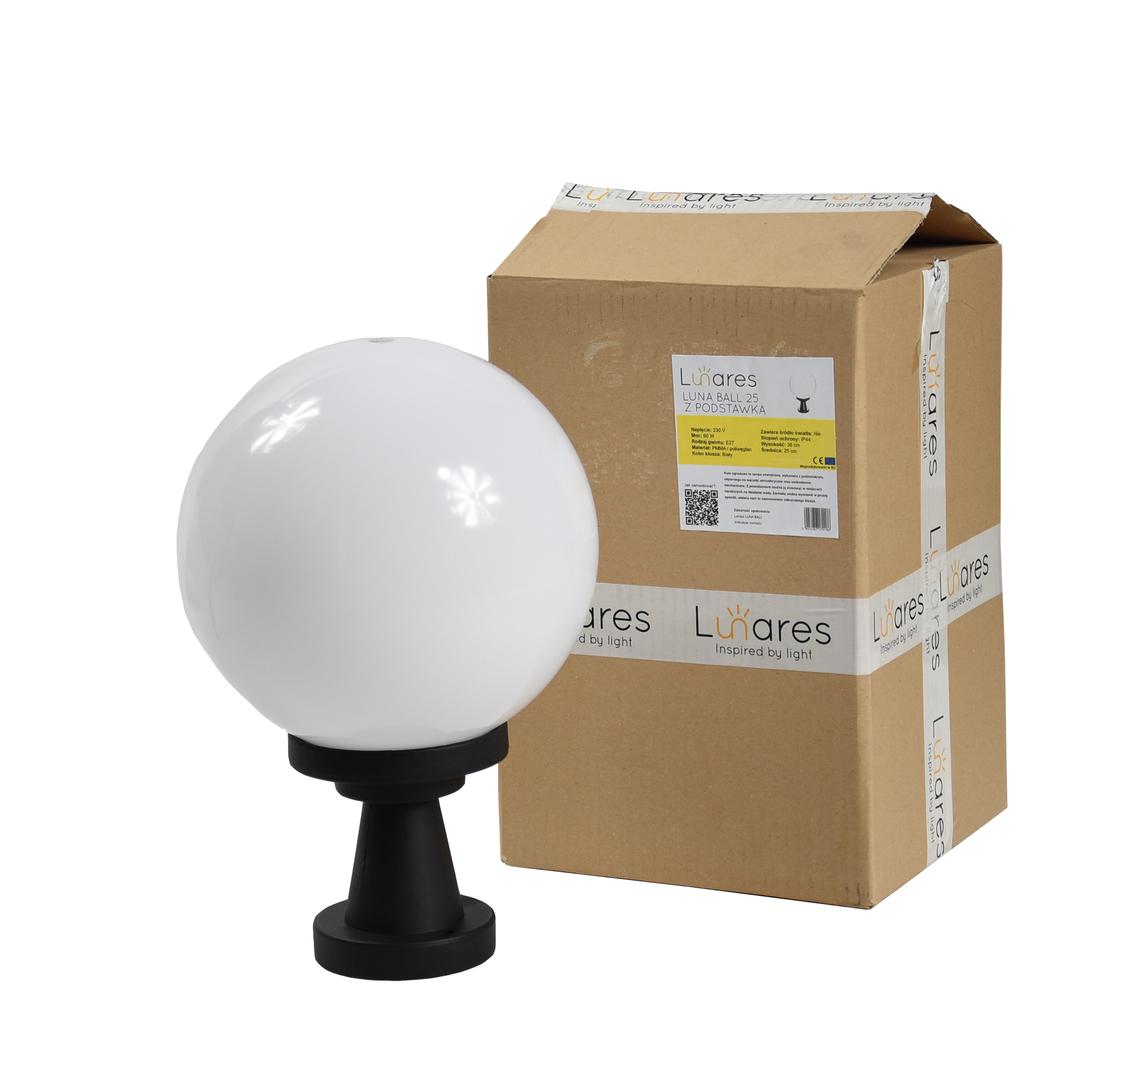 Zahradní lampa Luna Ball Plinto 20 cm E27 LED bílý podstavec